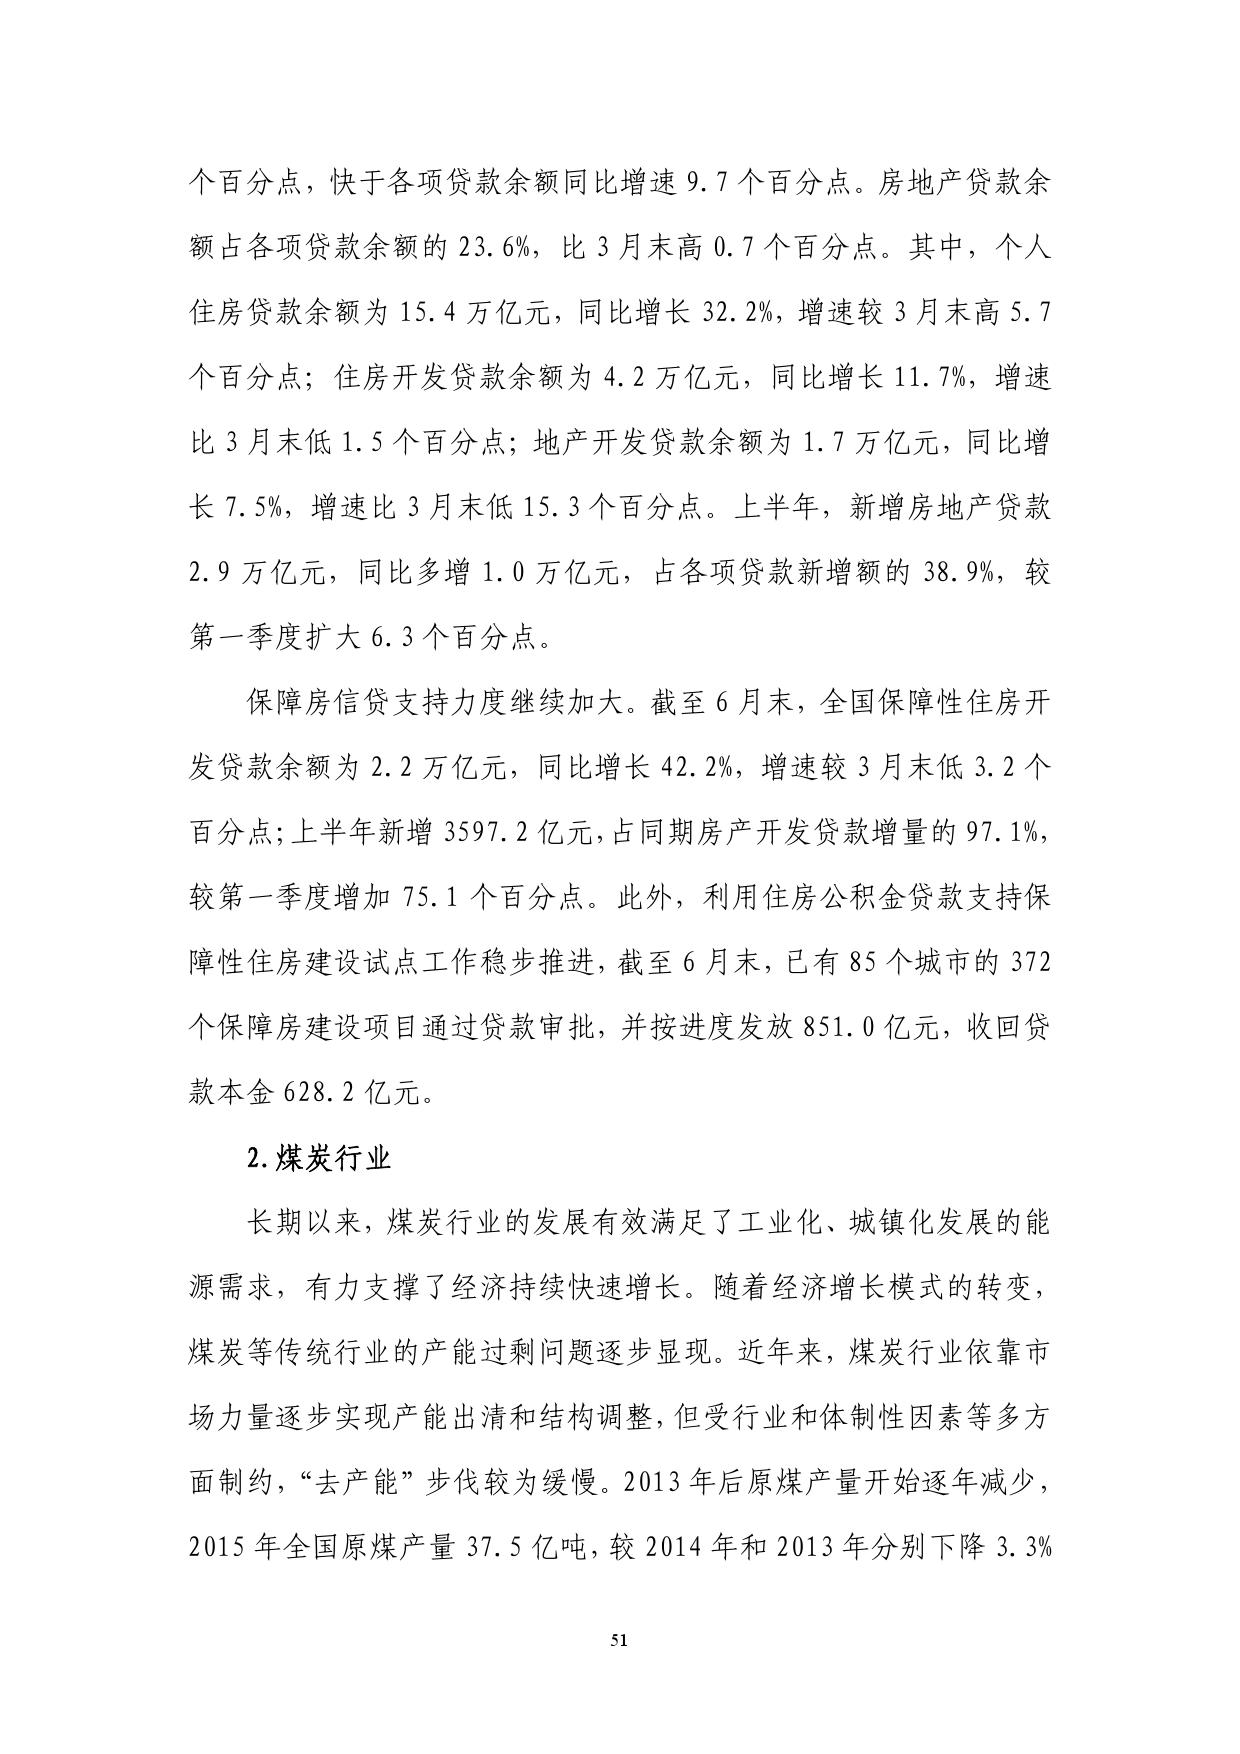 2016年Q2中国货币政策执行报告_000057